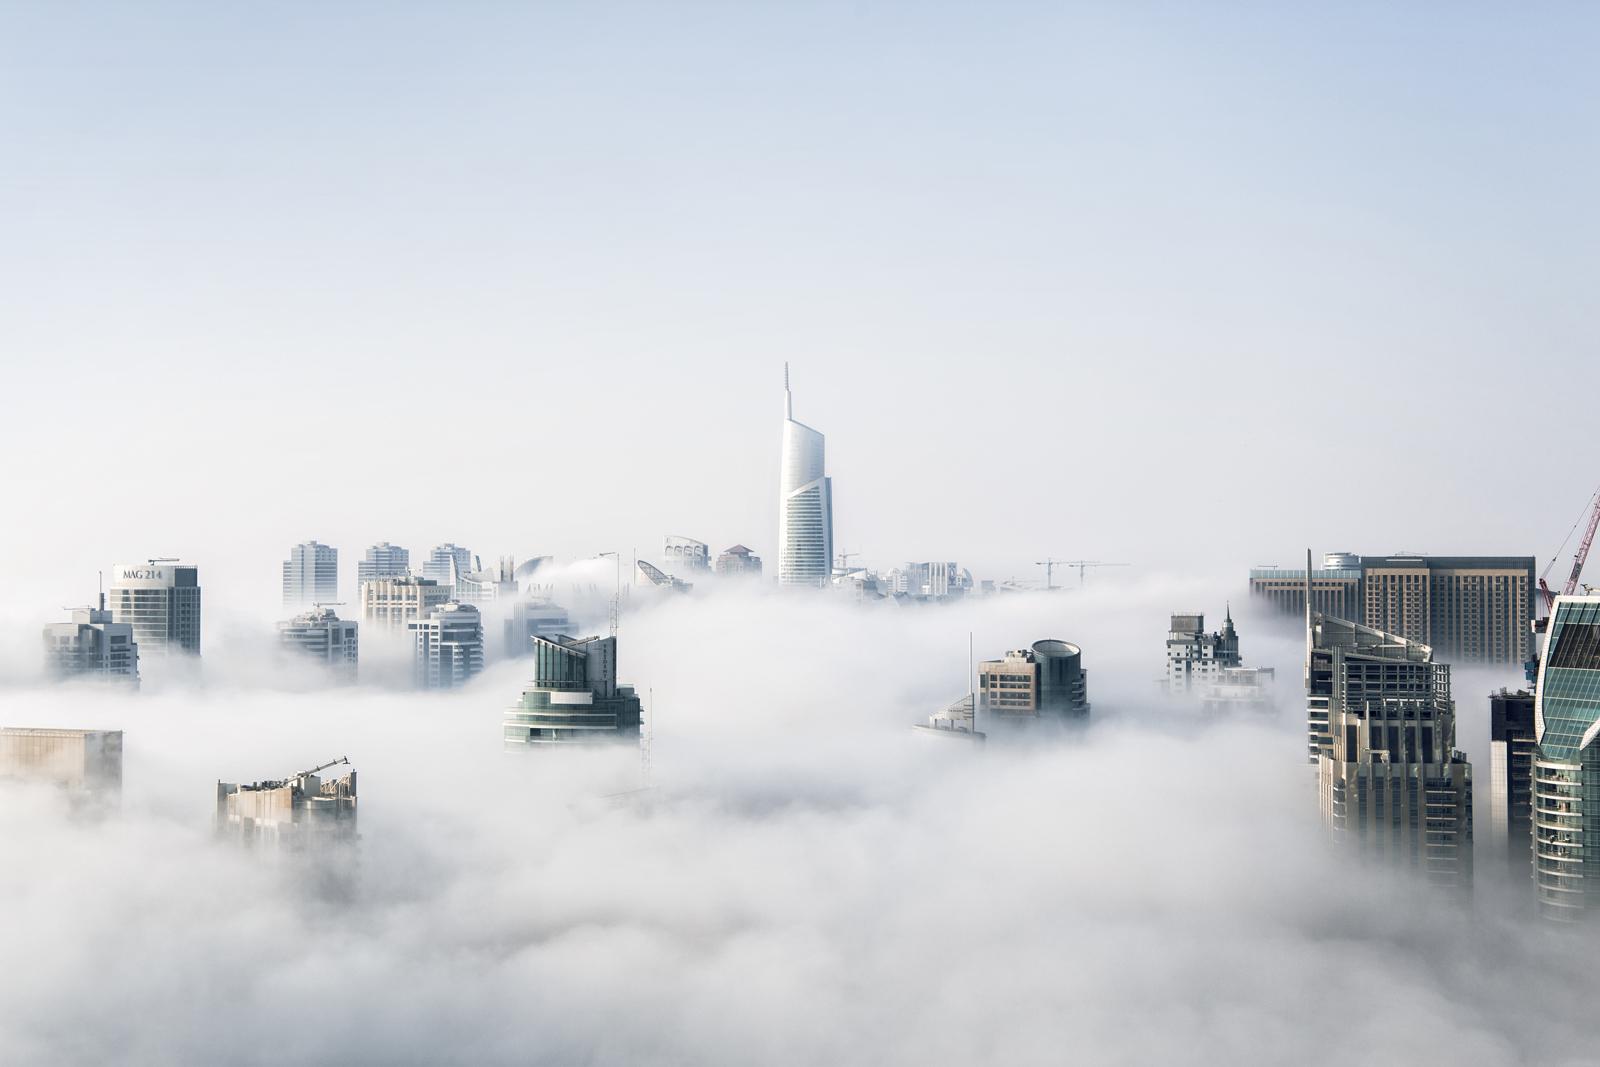 Cloud Computing | Regelgeving | Outsourcing | SaaS | IaaS | PaaS | MaaS | BaaS